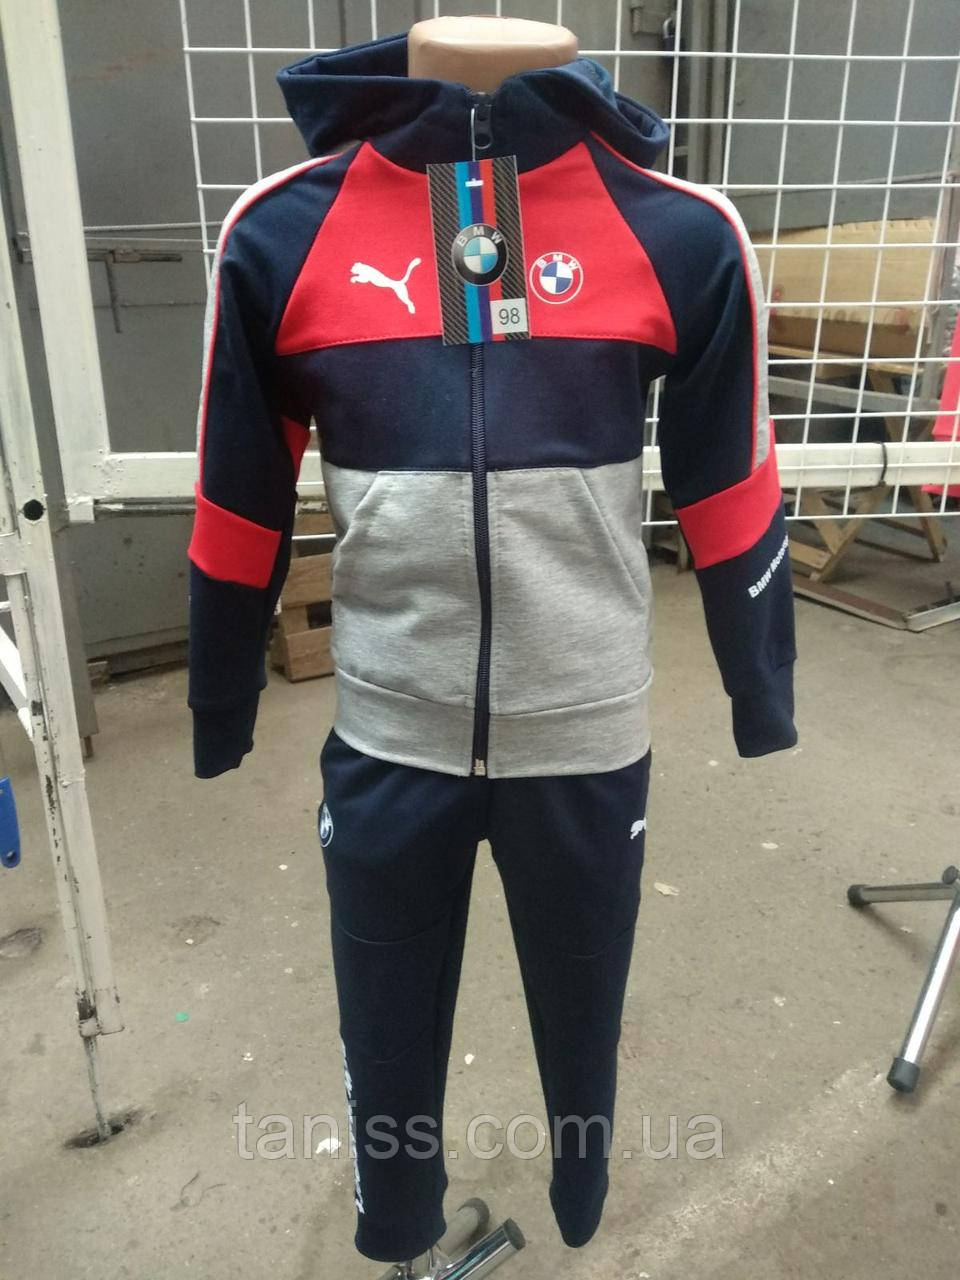 ОПТ Дитячий спортивний костюм, трикотаж двунитка, пр-під Туреччина р. 116,122,128,134